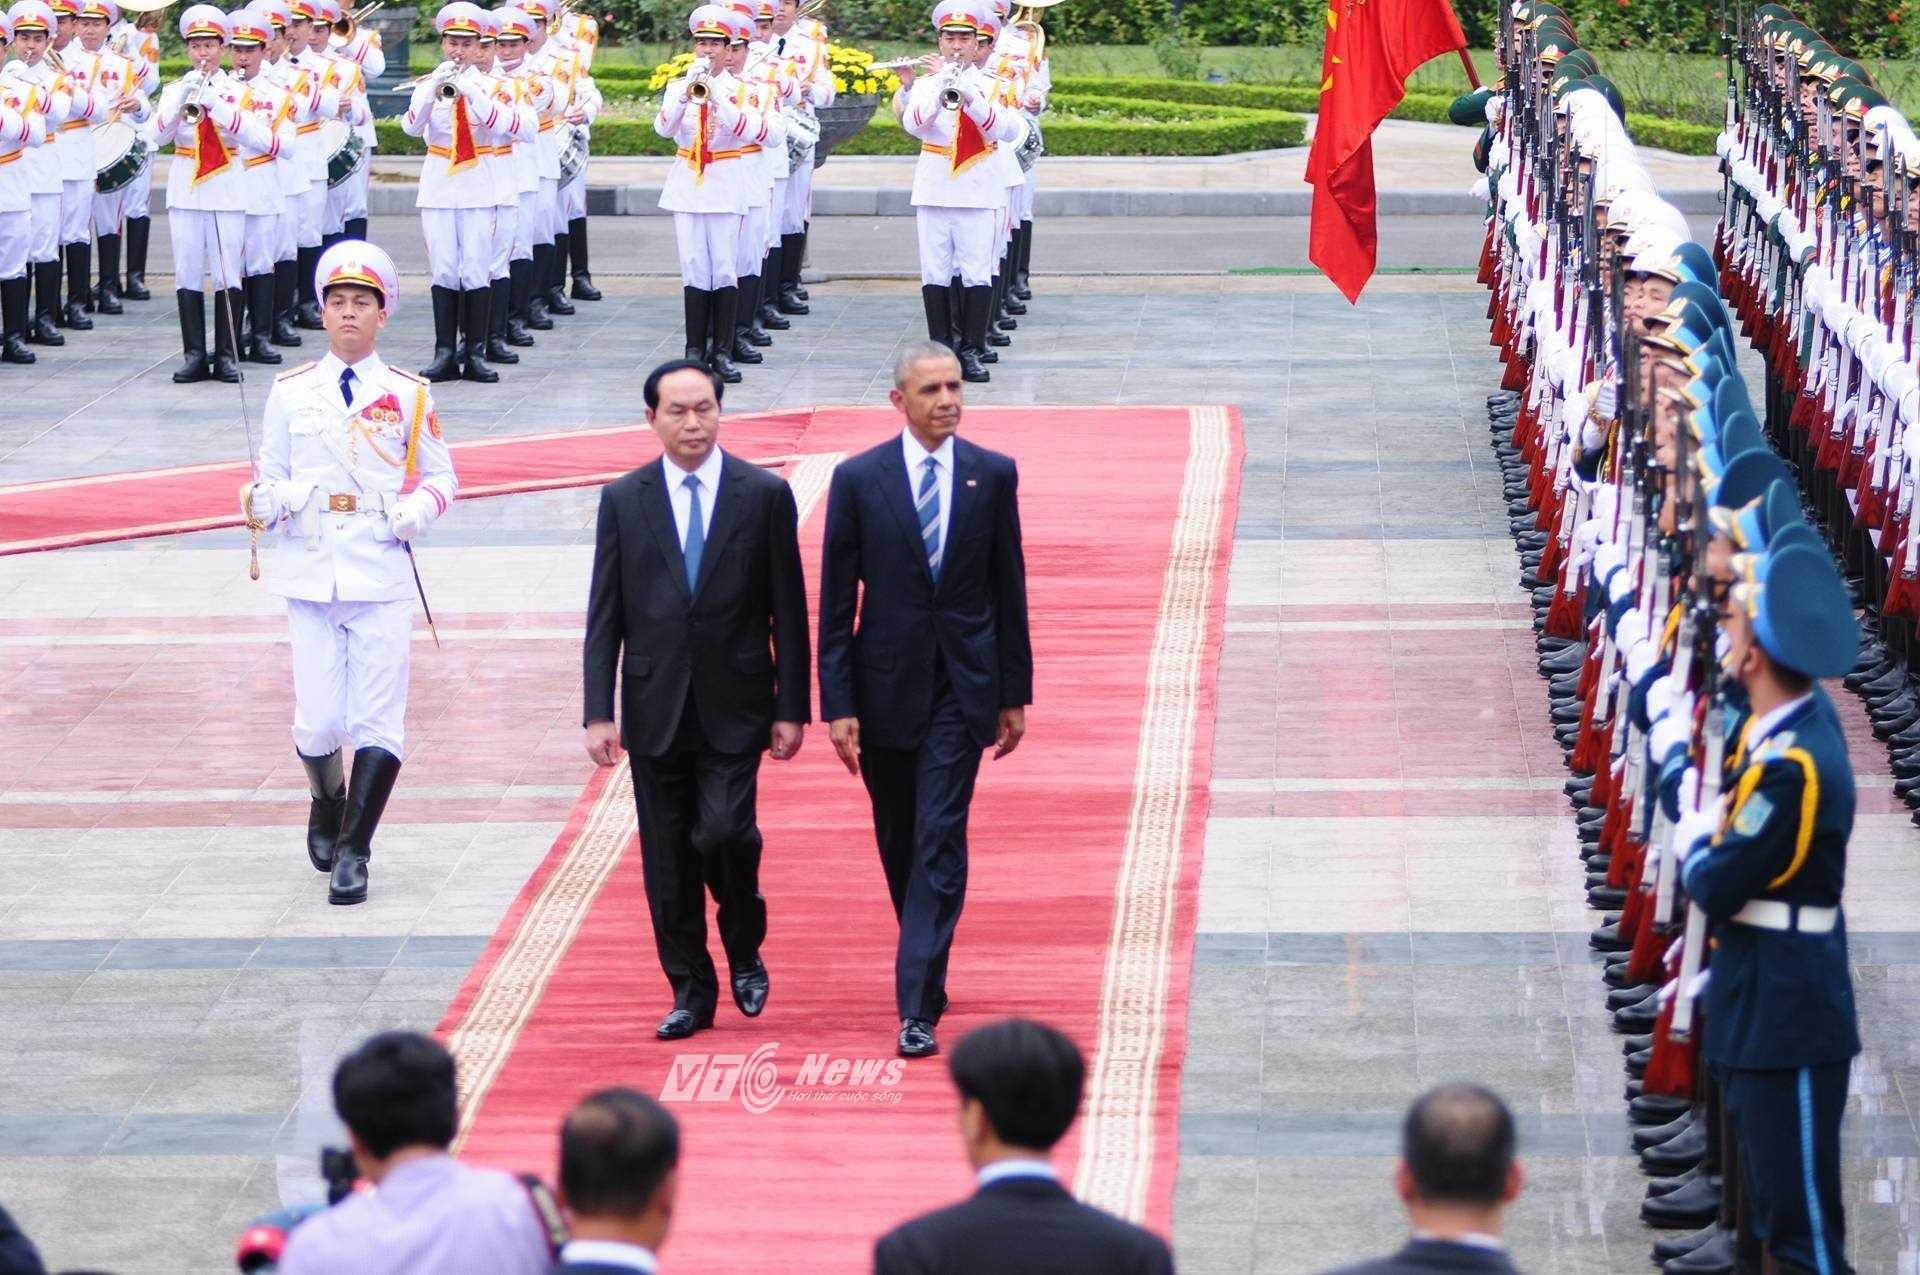 Chủ tịch nước Trần Đại Quang chủ trì nghi thức đón tiếp chính thức đối với vị Tổng thống Mỹ (Ảnh: Tùng Đinh)